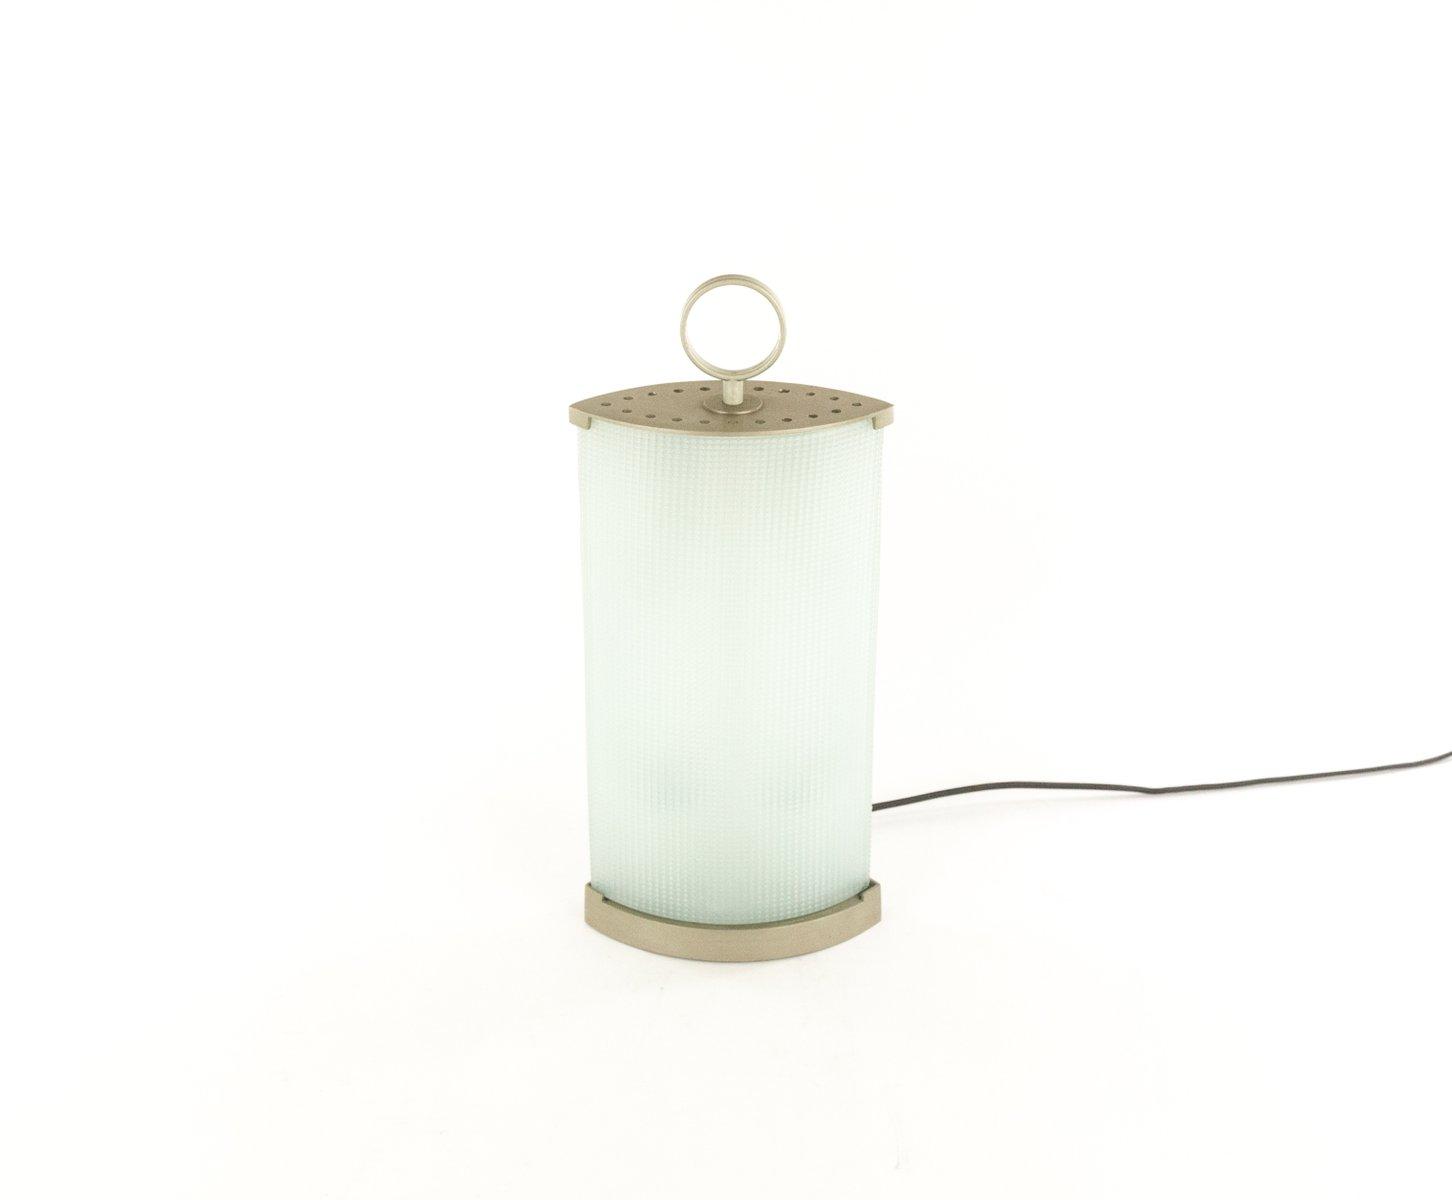 Pirellina Tischlampe aus Glas von Gio Ponti für Fontana Arte, 1960er